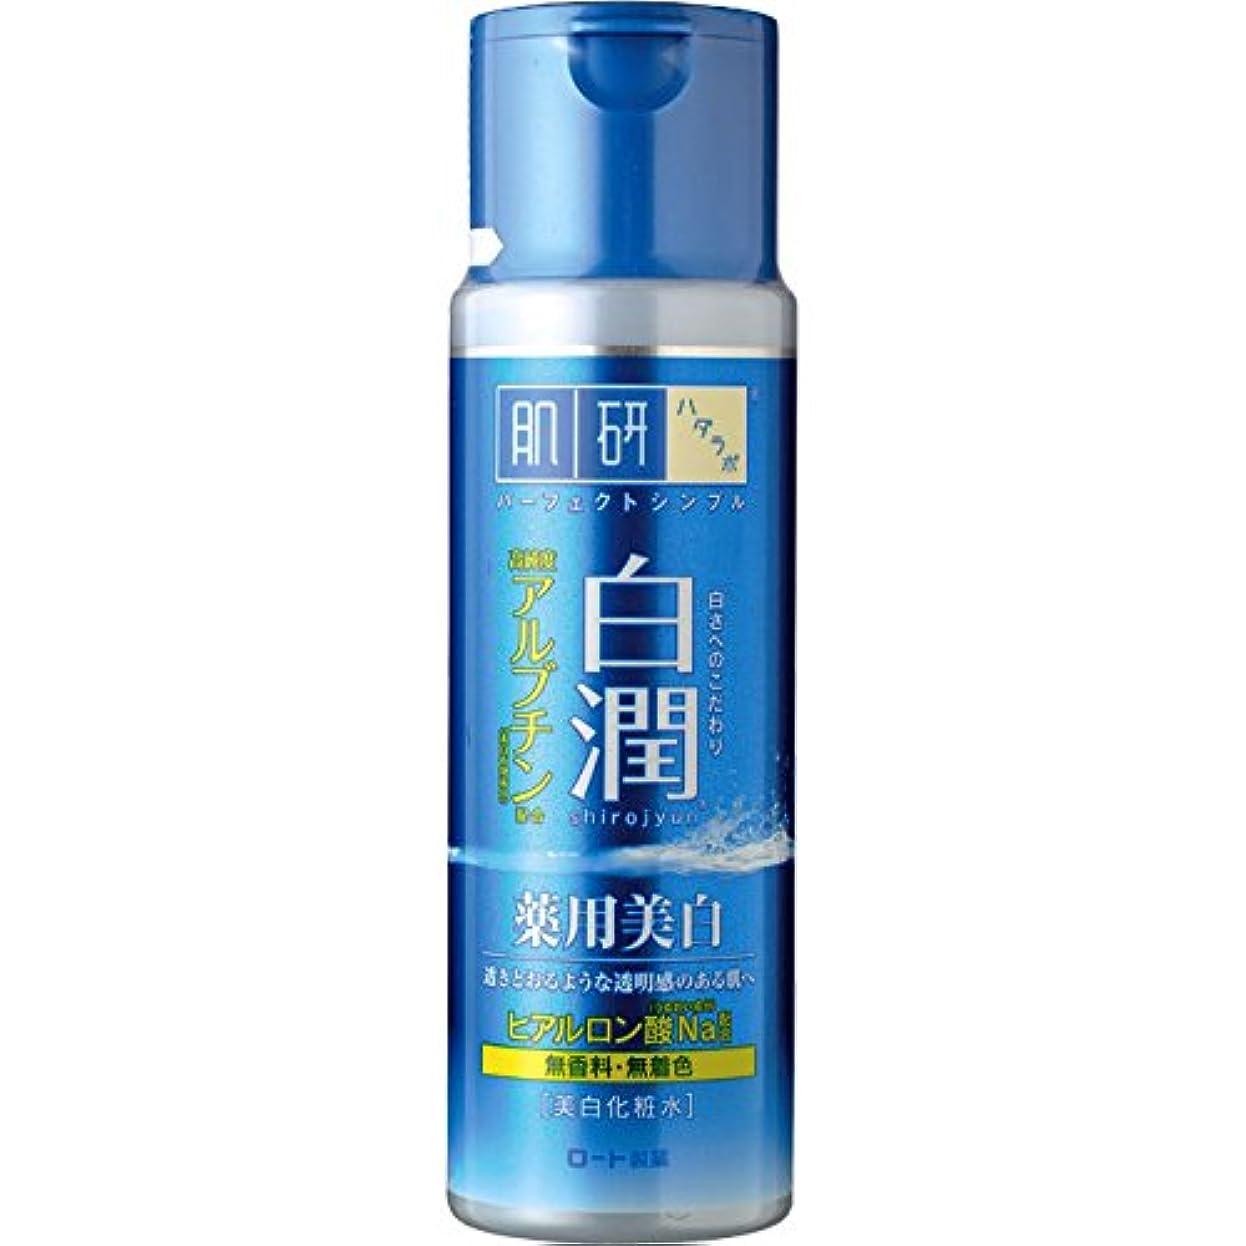 推定するソロ知覚的肌ラボ 白潤 薬用美白化粧水 170mL 【医薬部外品】